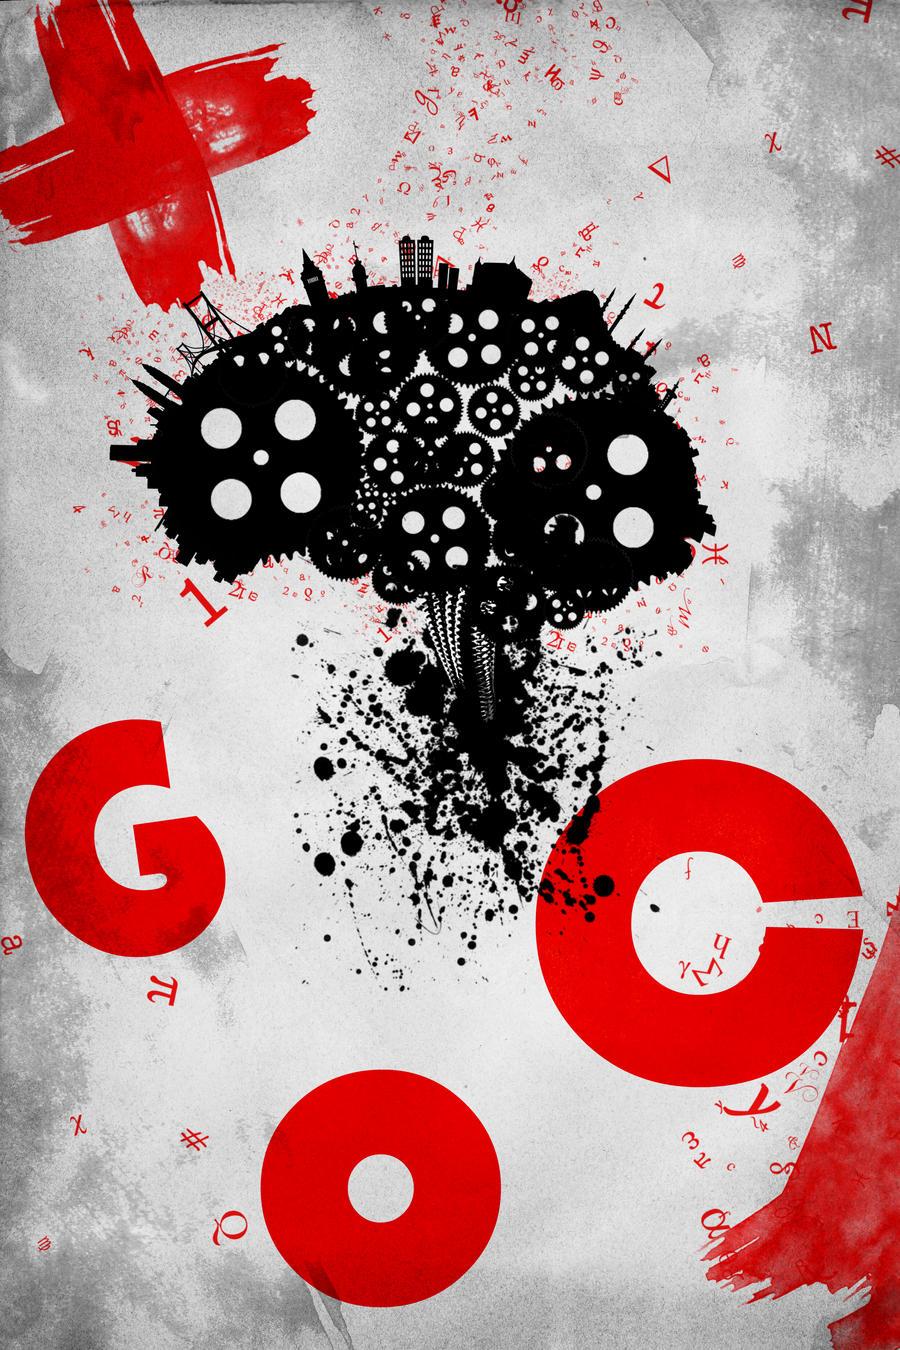 Gears grunge by Gearsofcreativity